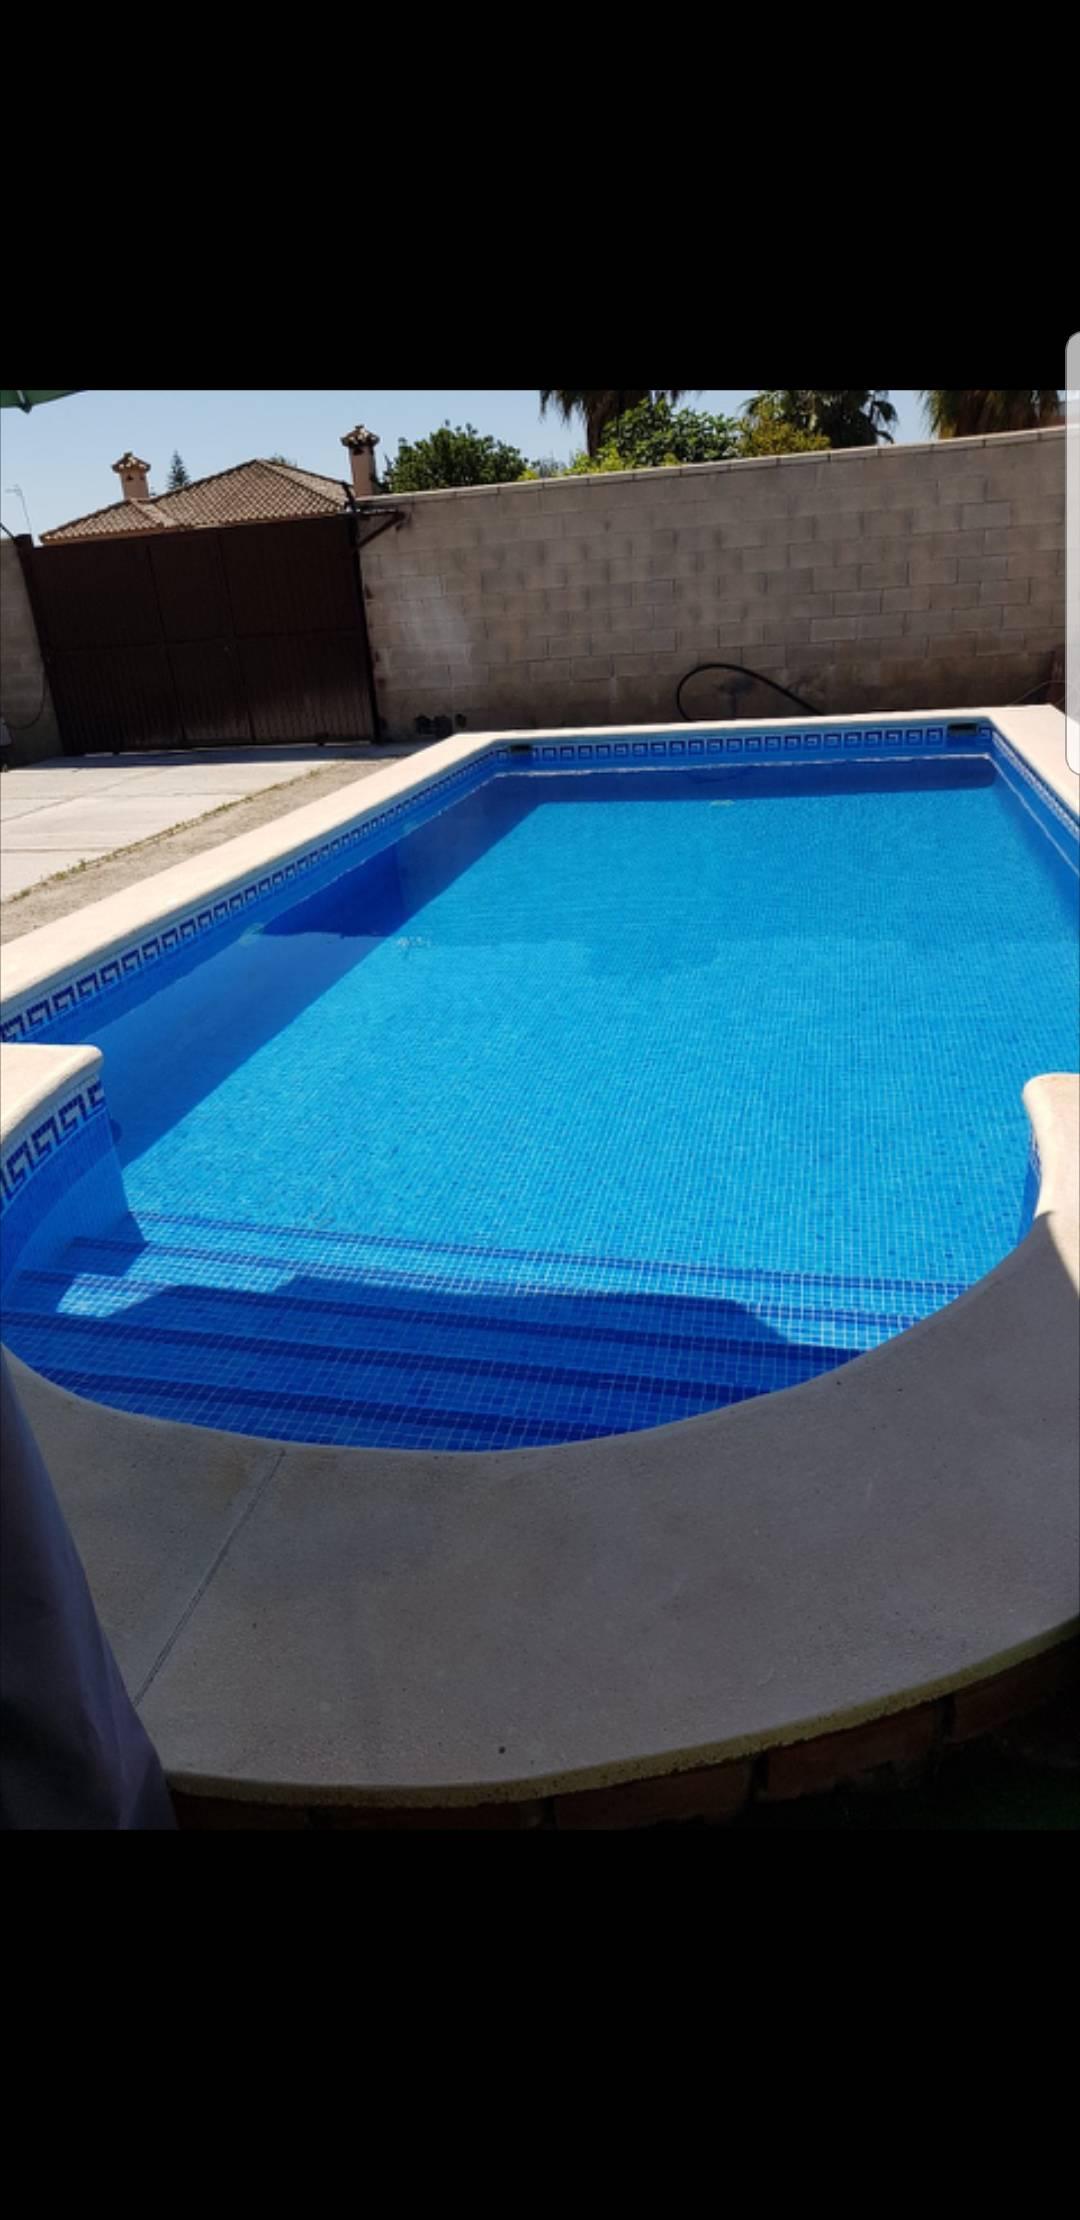 Casa con piscina privada para alquilar